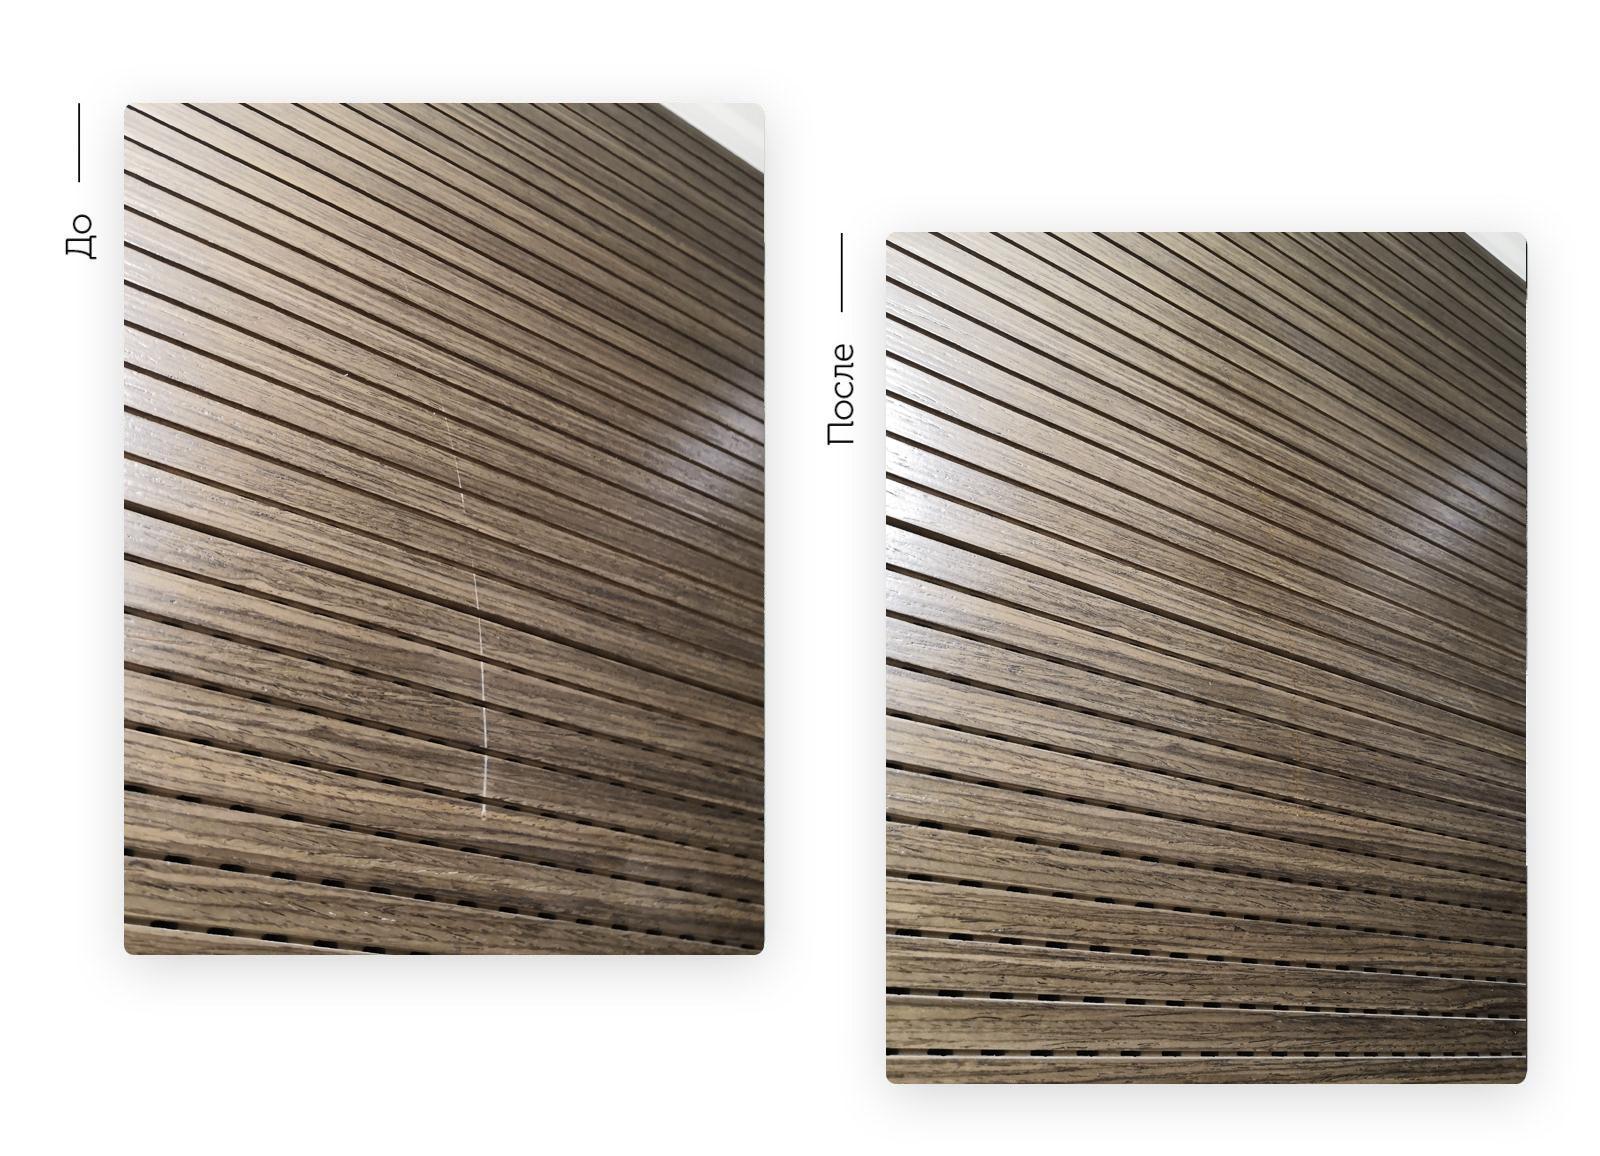 фотографии работ до и после